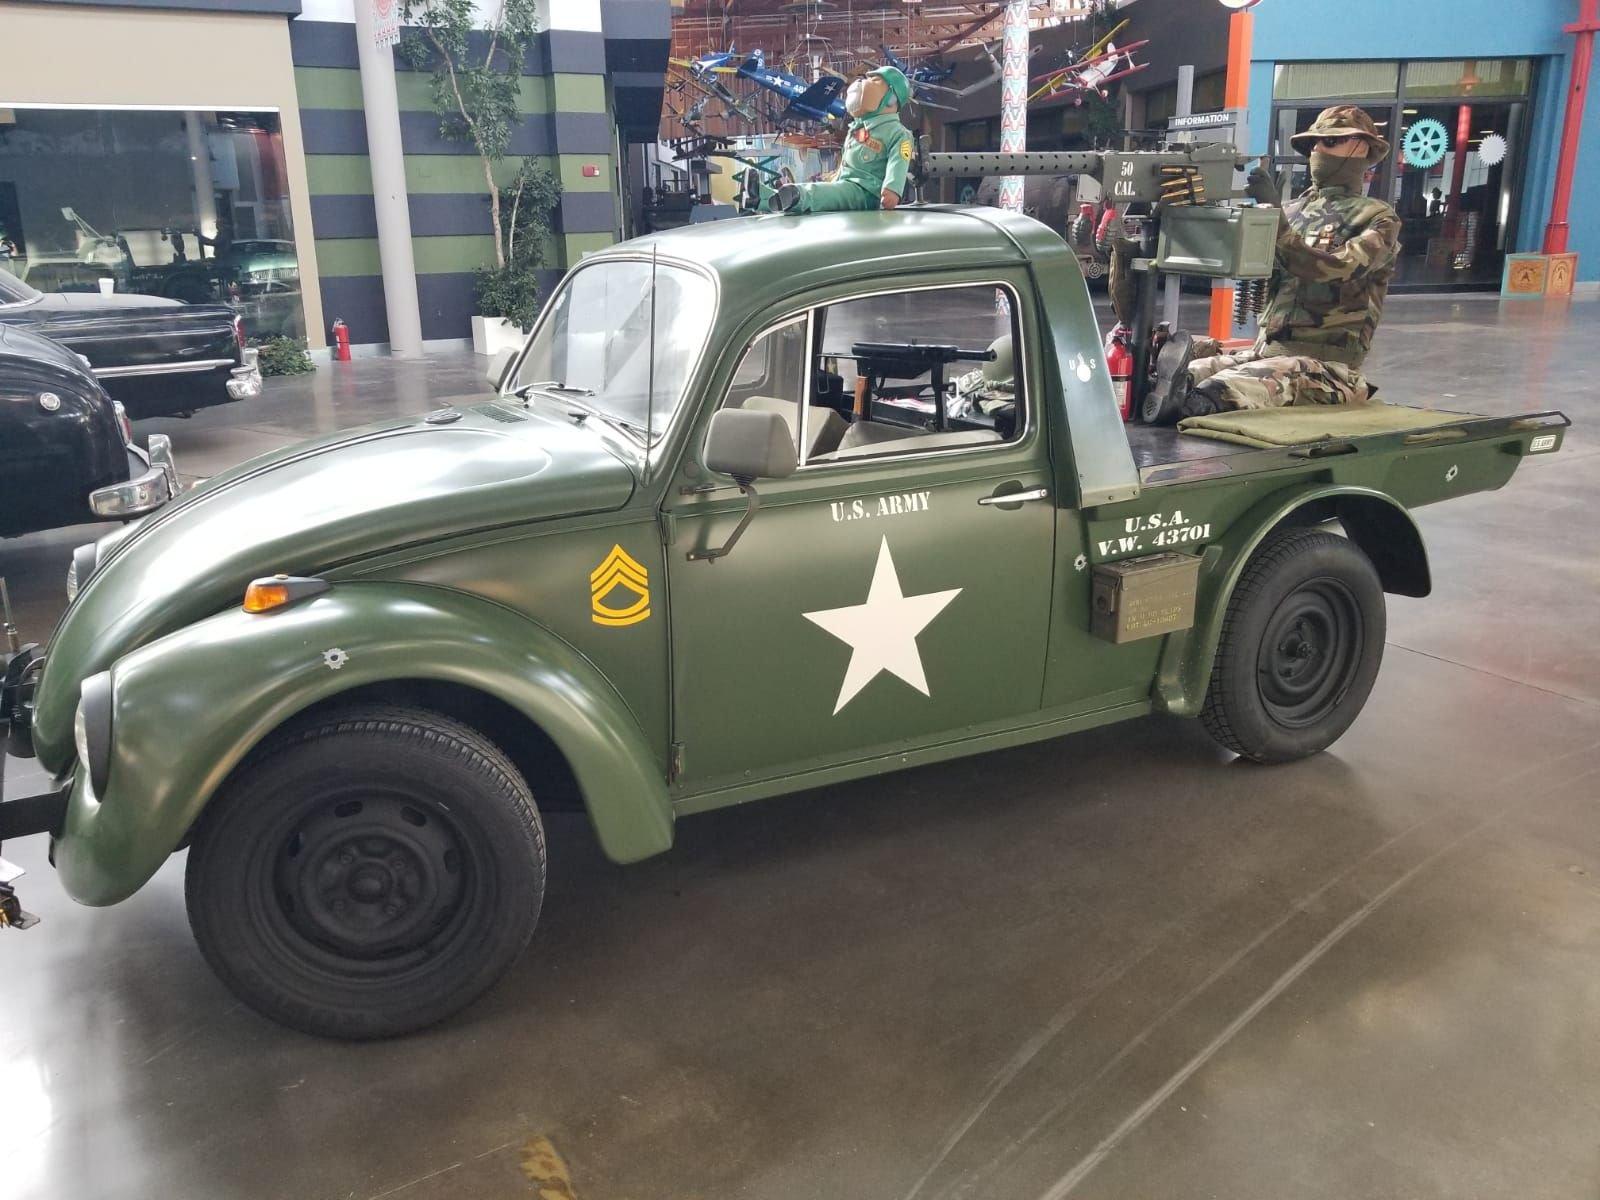 1979 volkswagen military